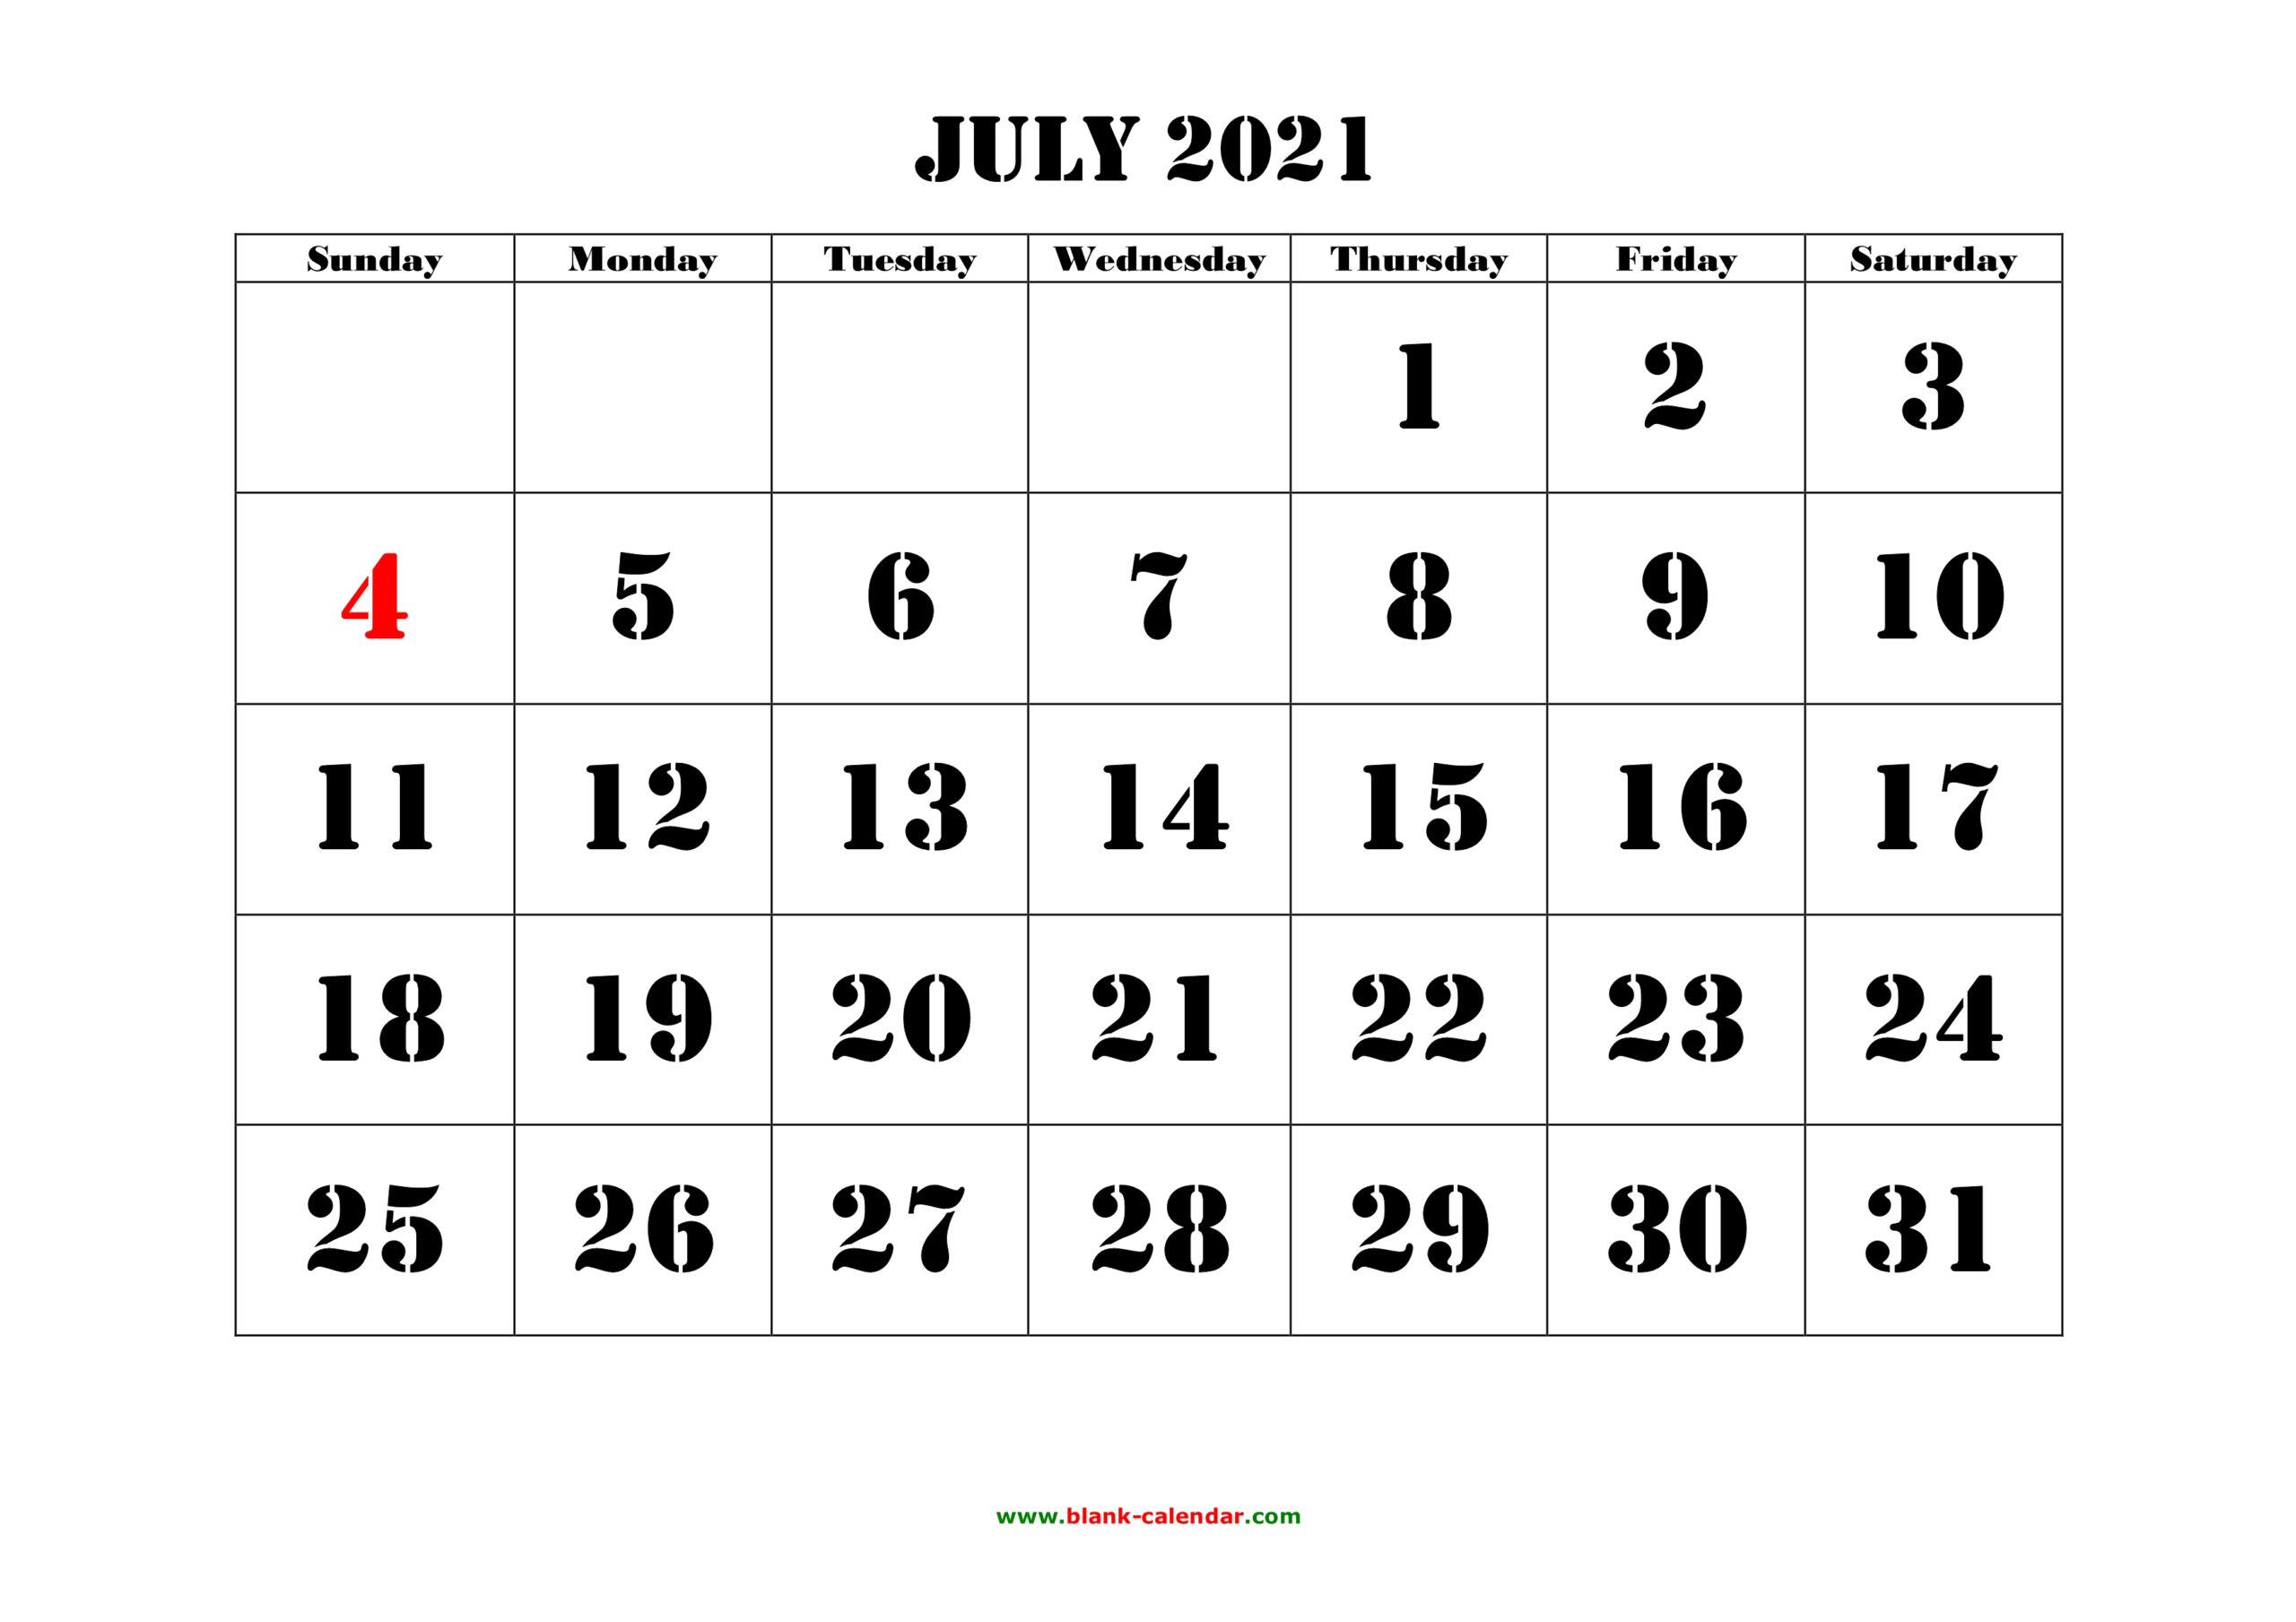 Free Download Printable July 2021 Calendar, Large Font